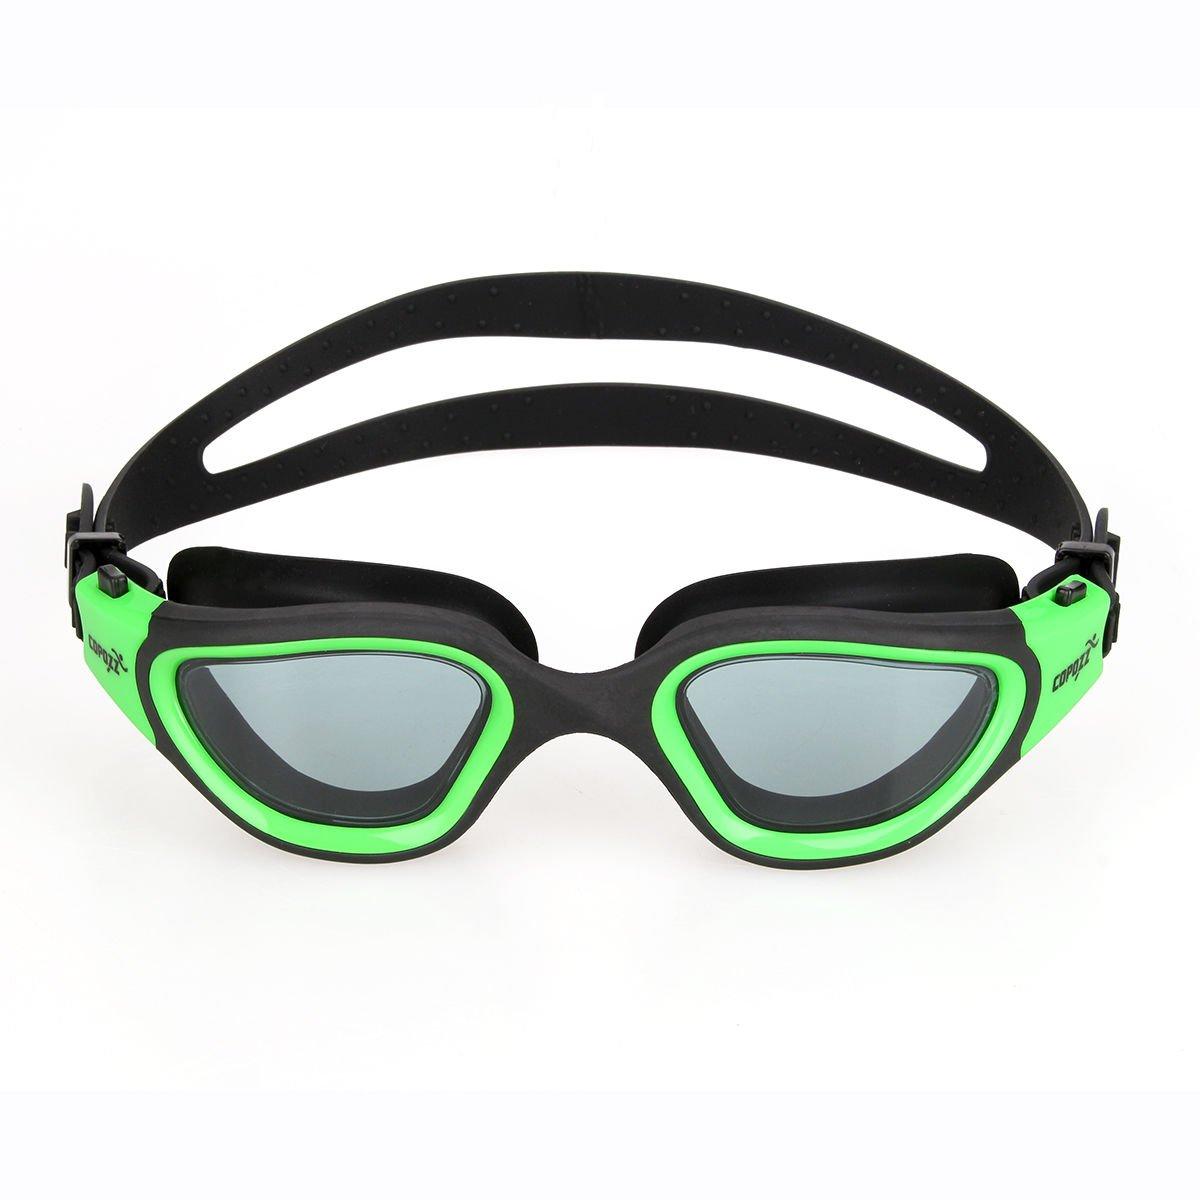 グリーンSwim水泳ゴーグル大人用ユニセックスシリコン曇り止め調節可能なメガネ B072QZN963